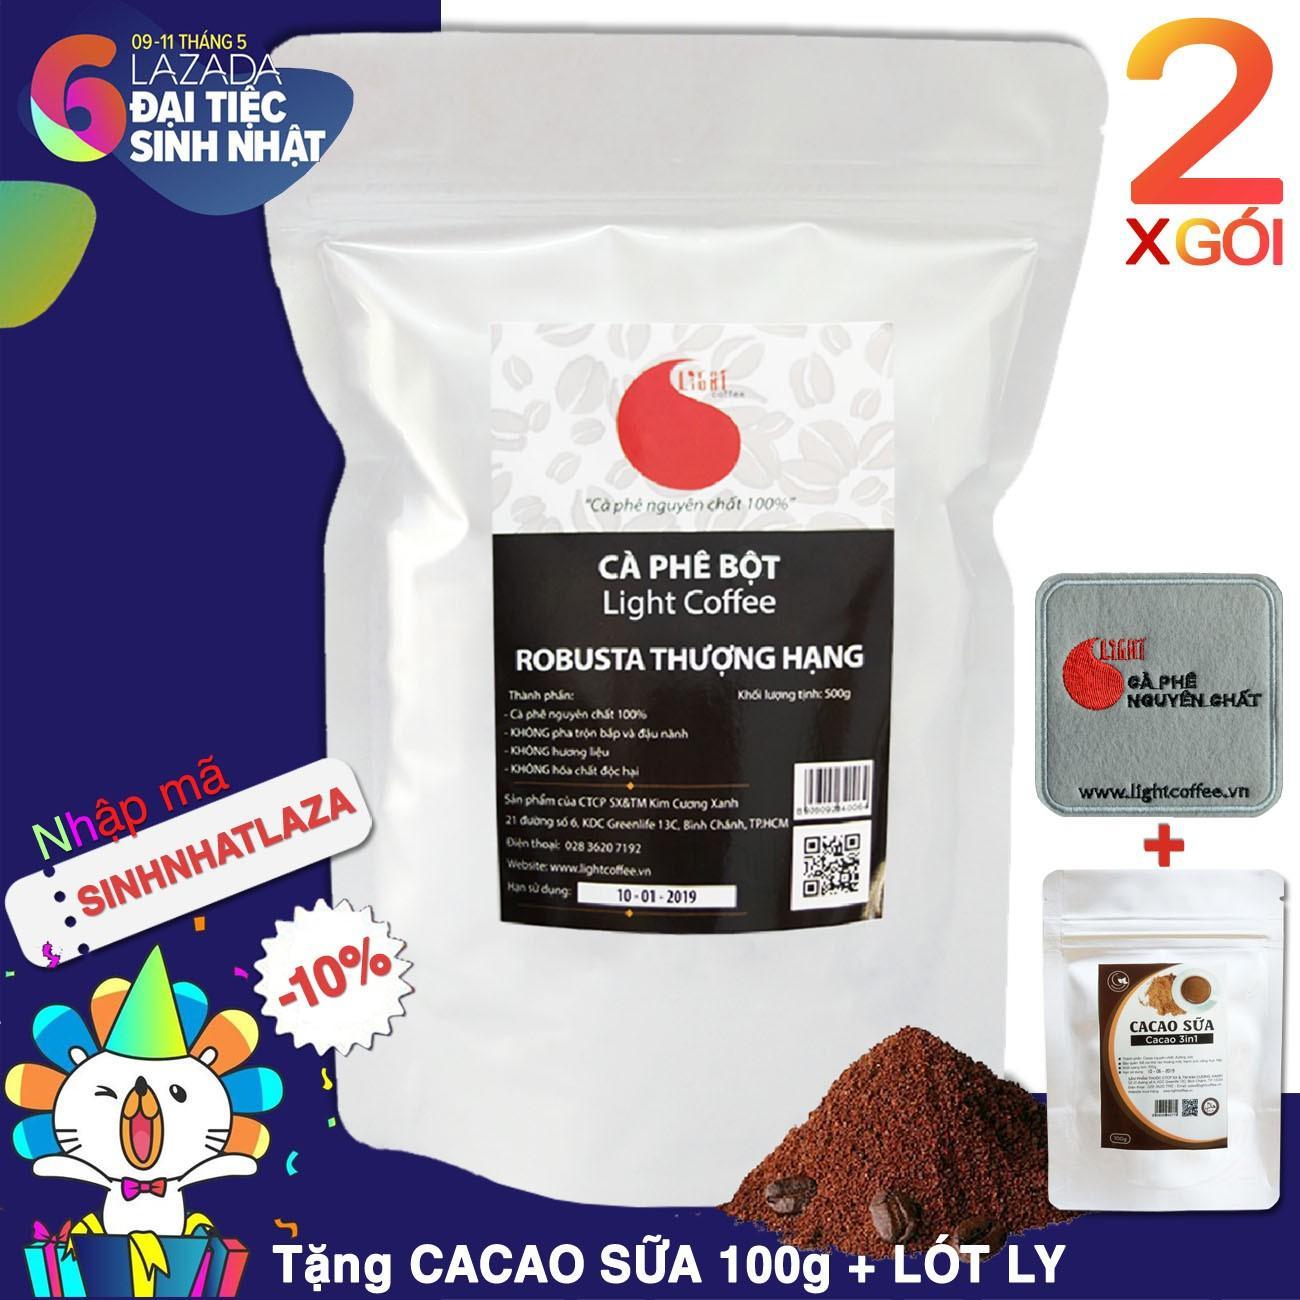 Giá Bán Bộ 2 Goi 1Kg Ca Phe Robusta Nguyen Chất 100 Thượng Hạng Light Coffee Trong Hồ Chí Minh